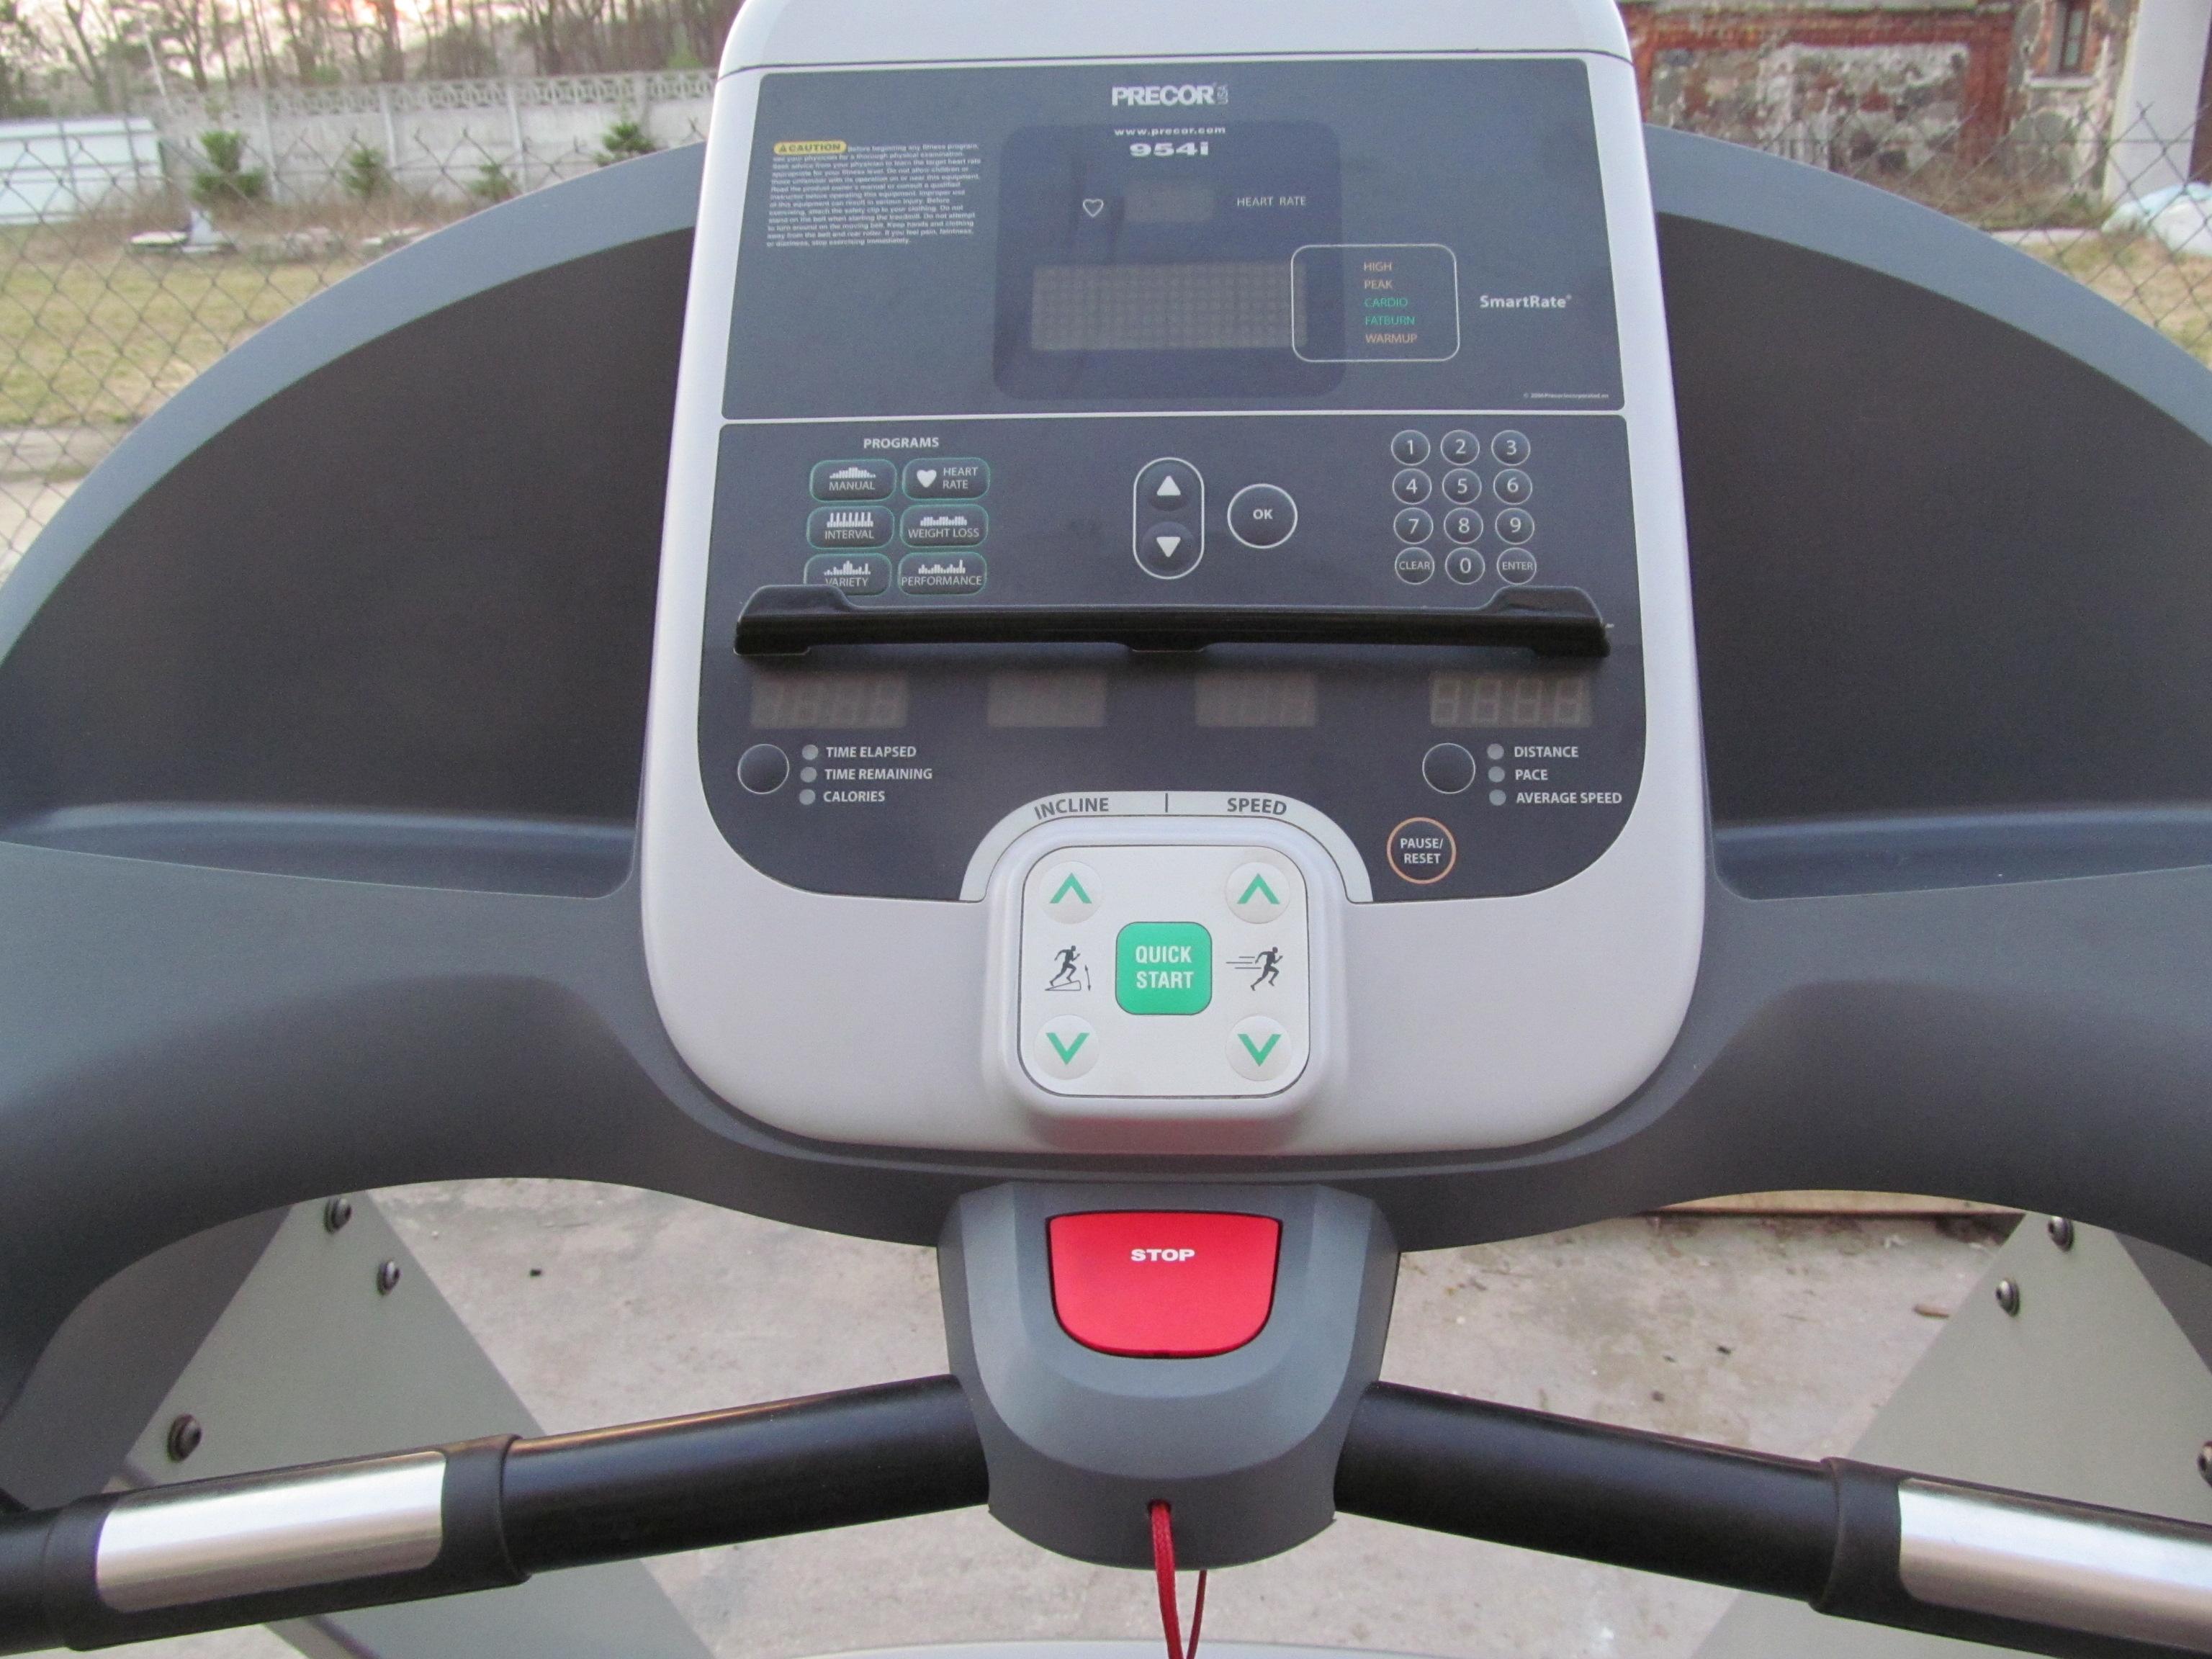 Precor C954i Treadmill Price Precor C966 Treadmill Motor Controller Ppp45914105 Part Numb